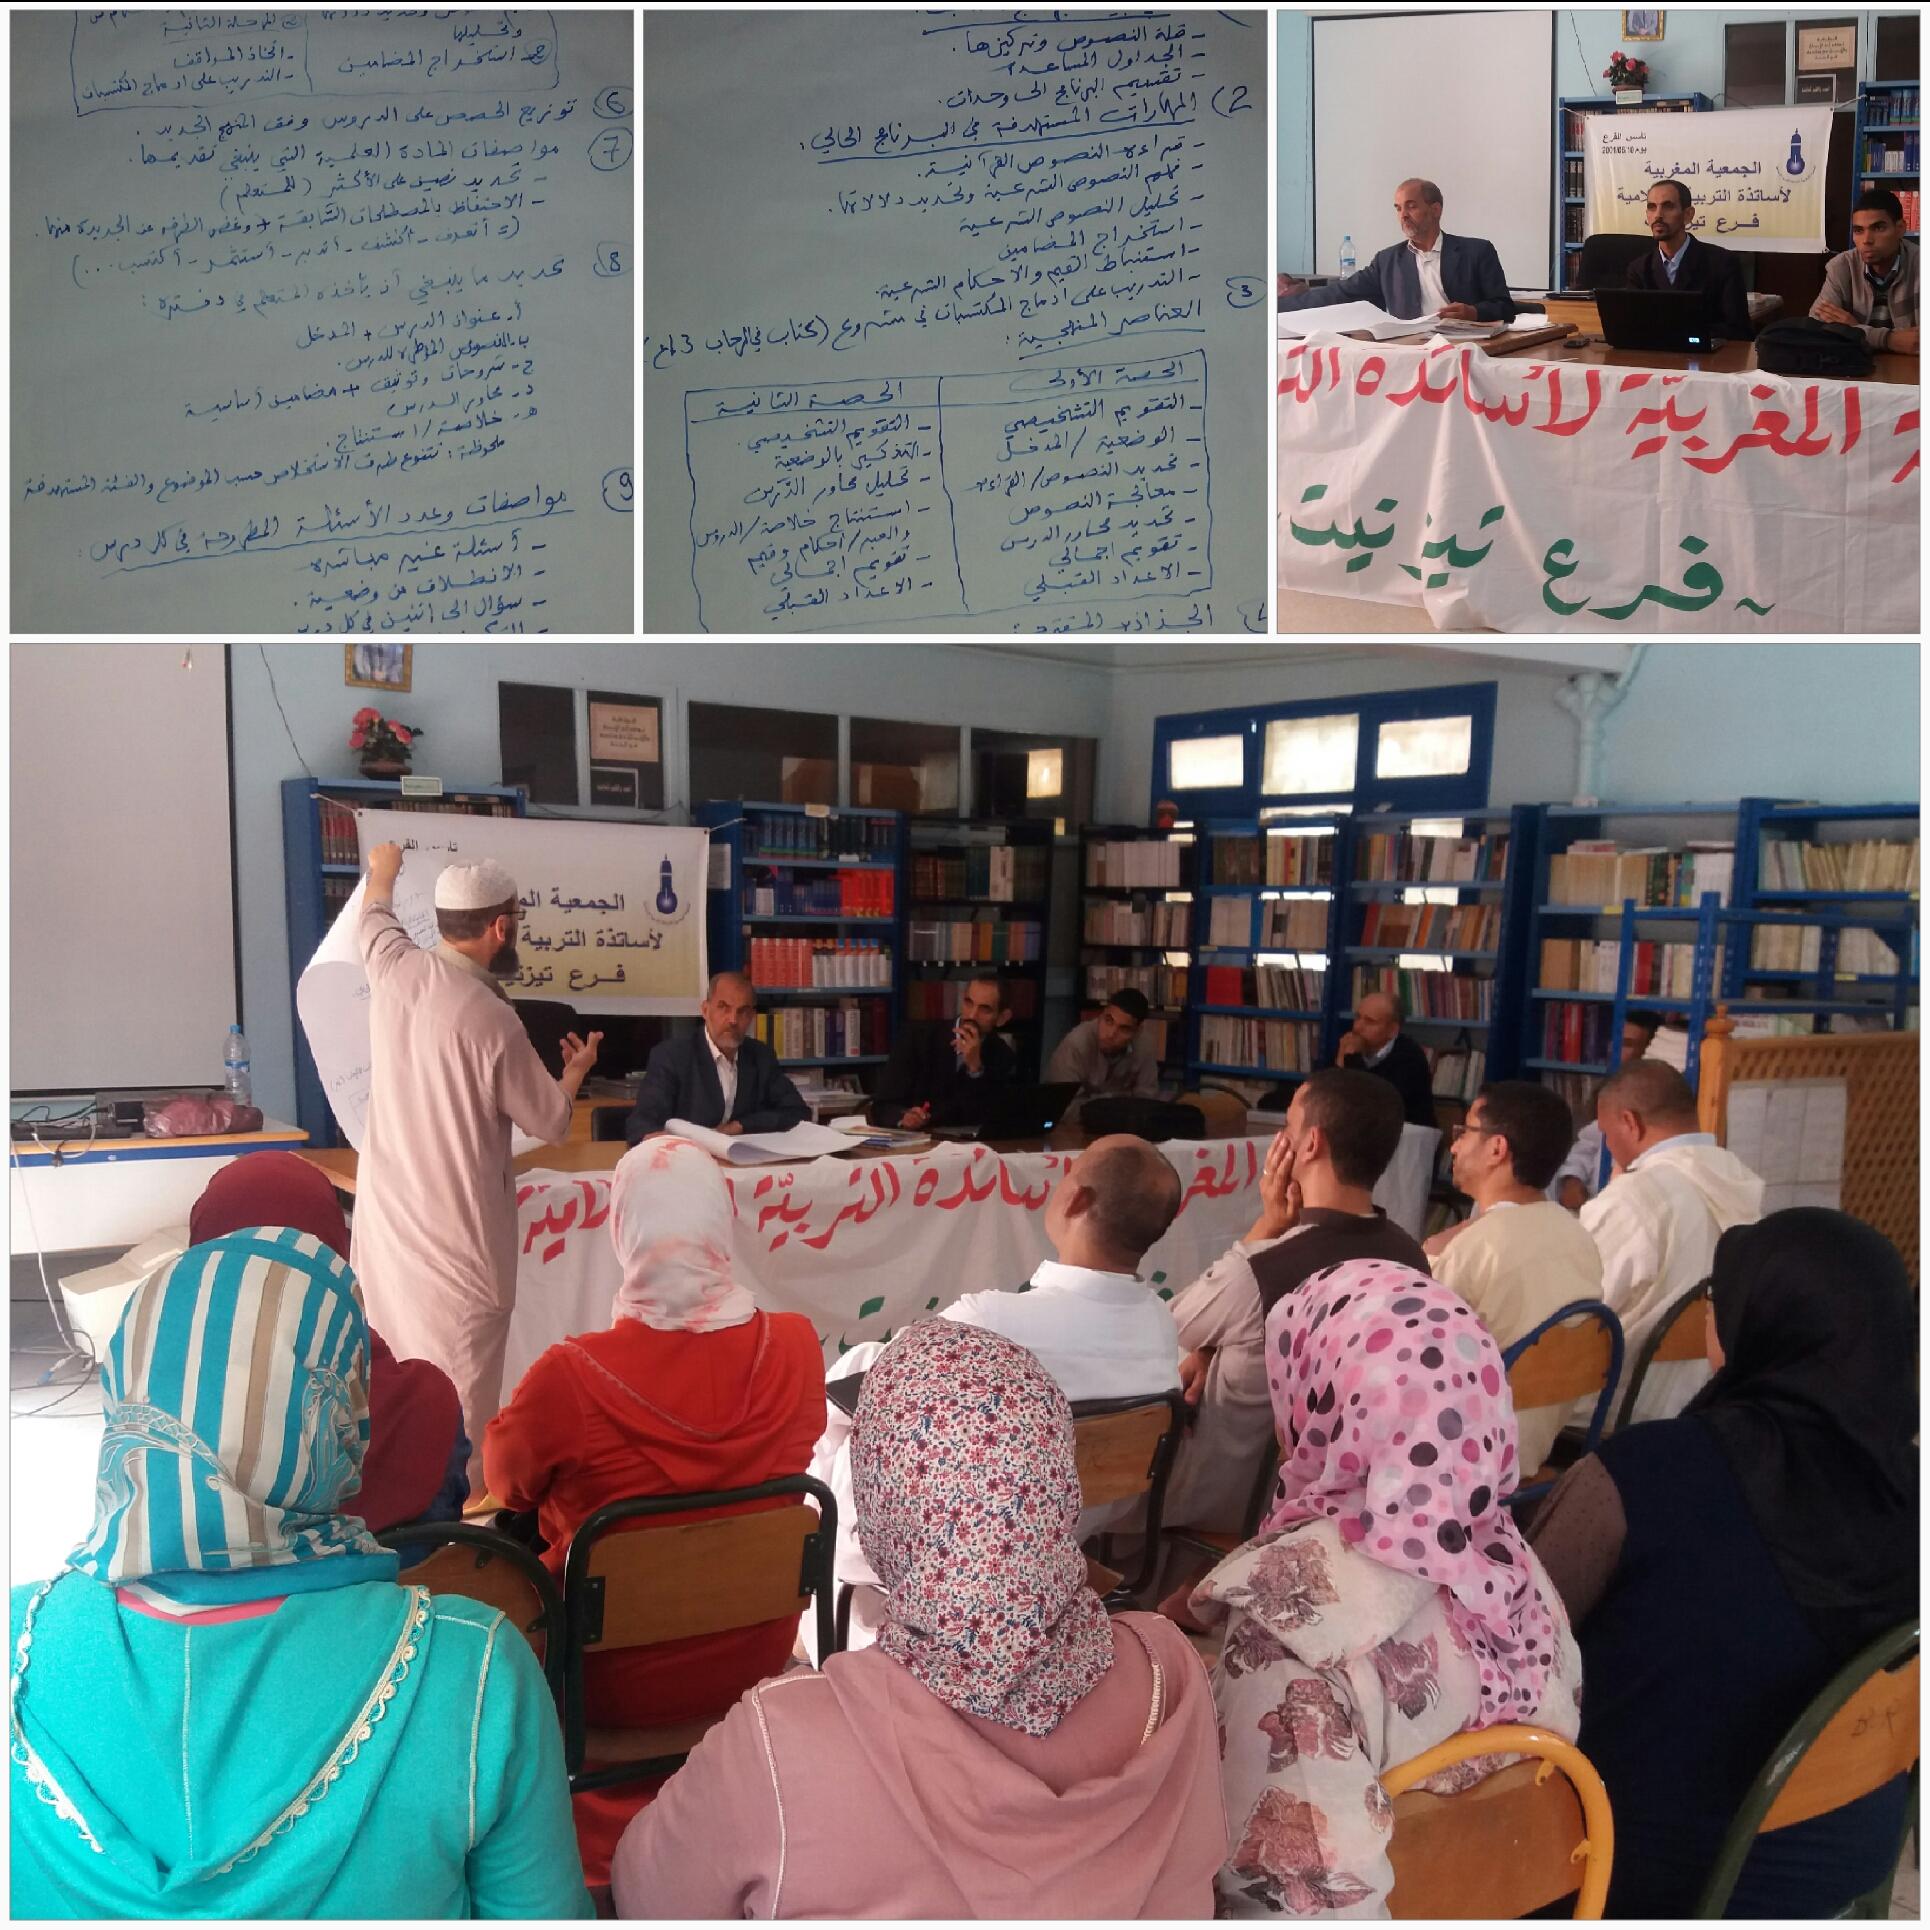 تيزنيت : تقرير مصور عن يوم دراسي حول المناهج الجديدة للتربية الاسلامية